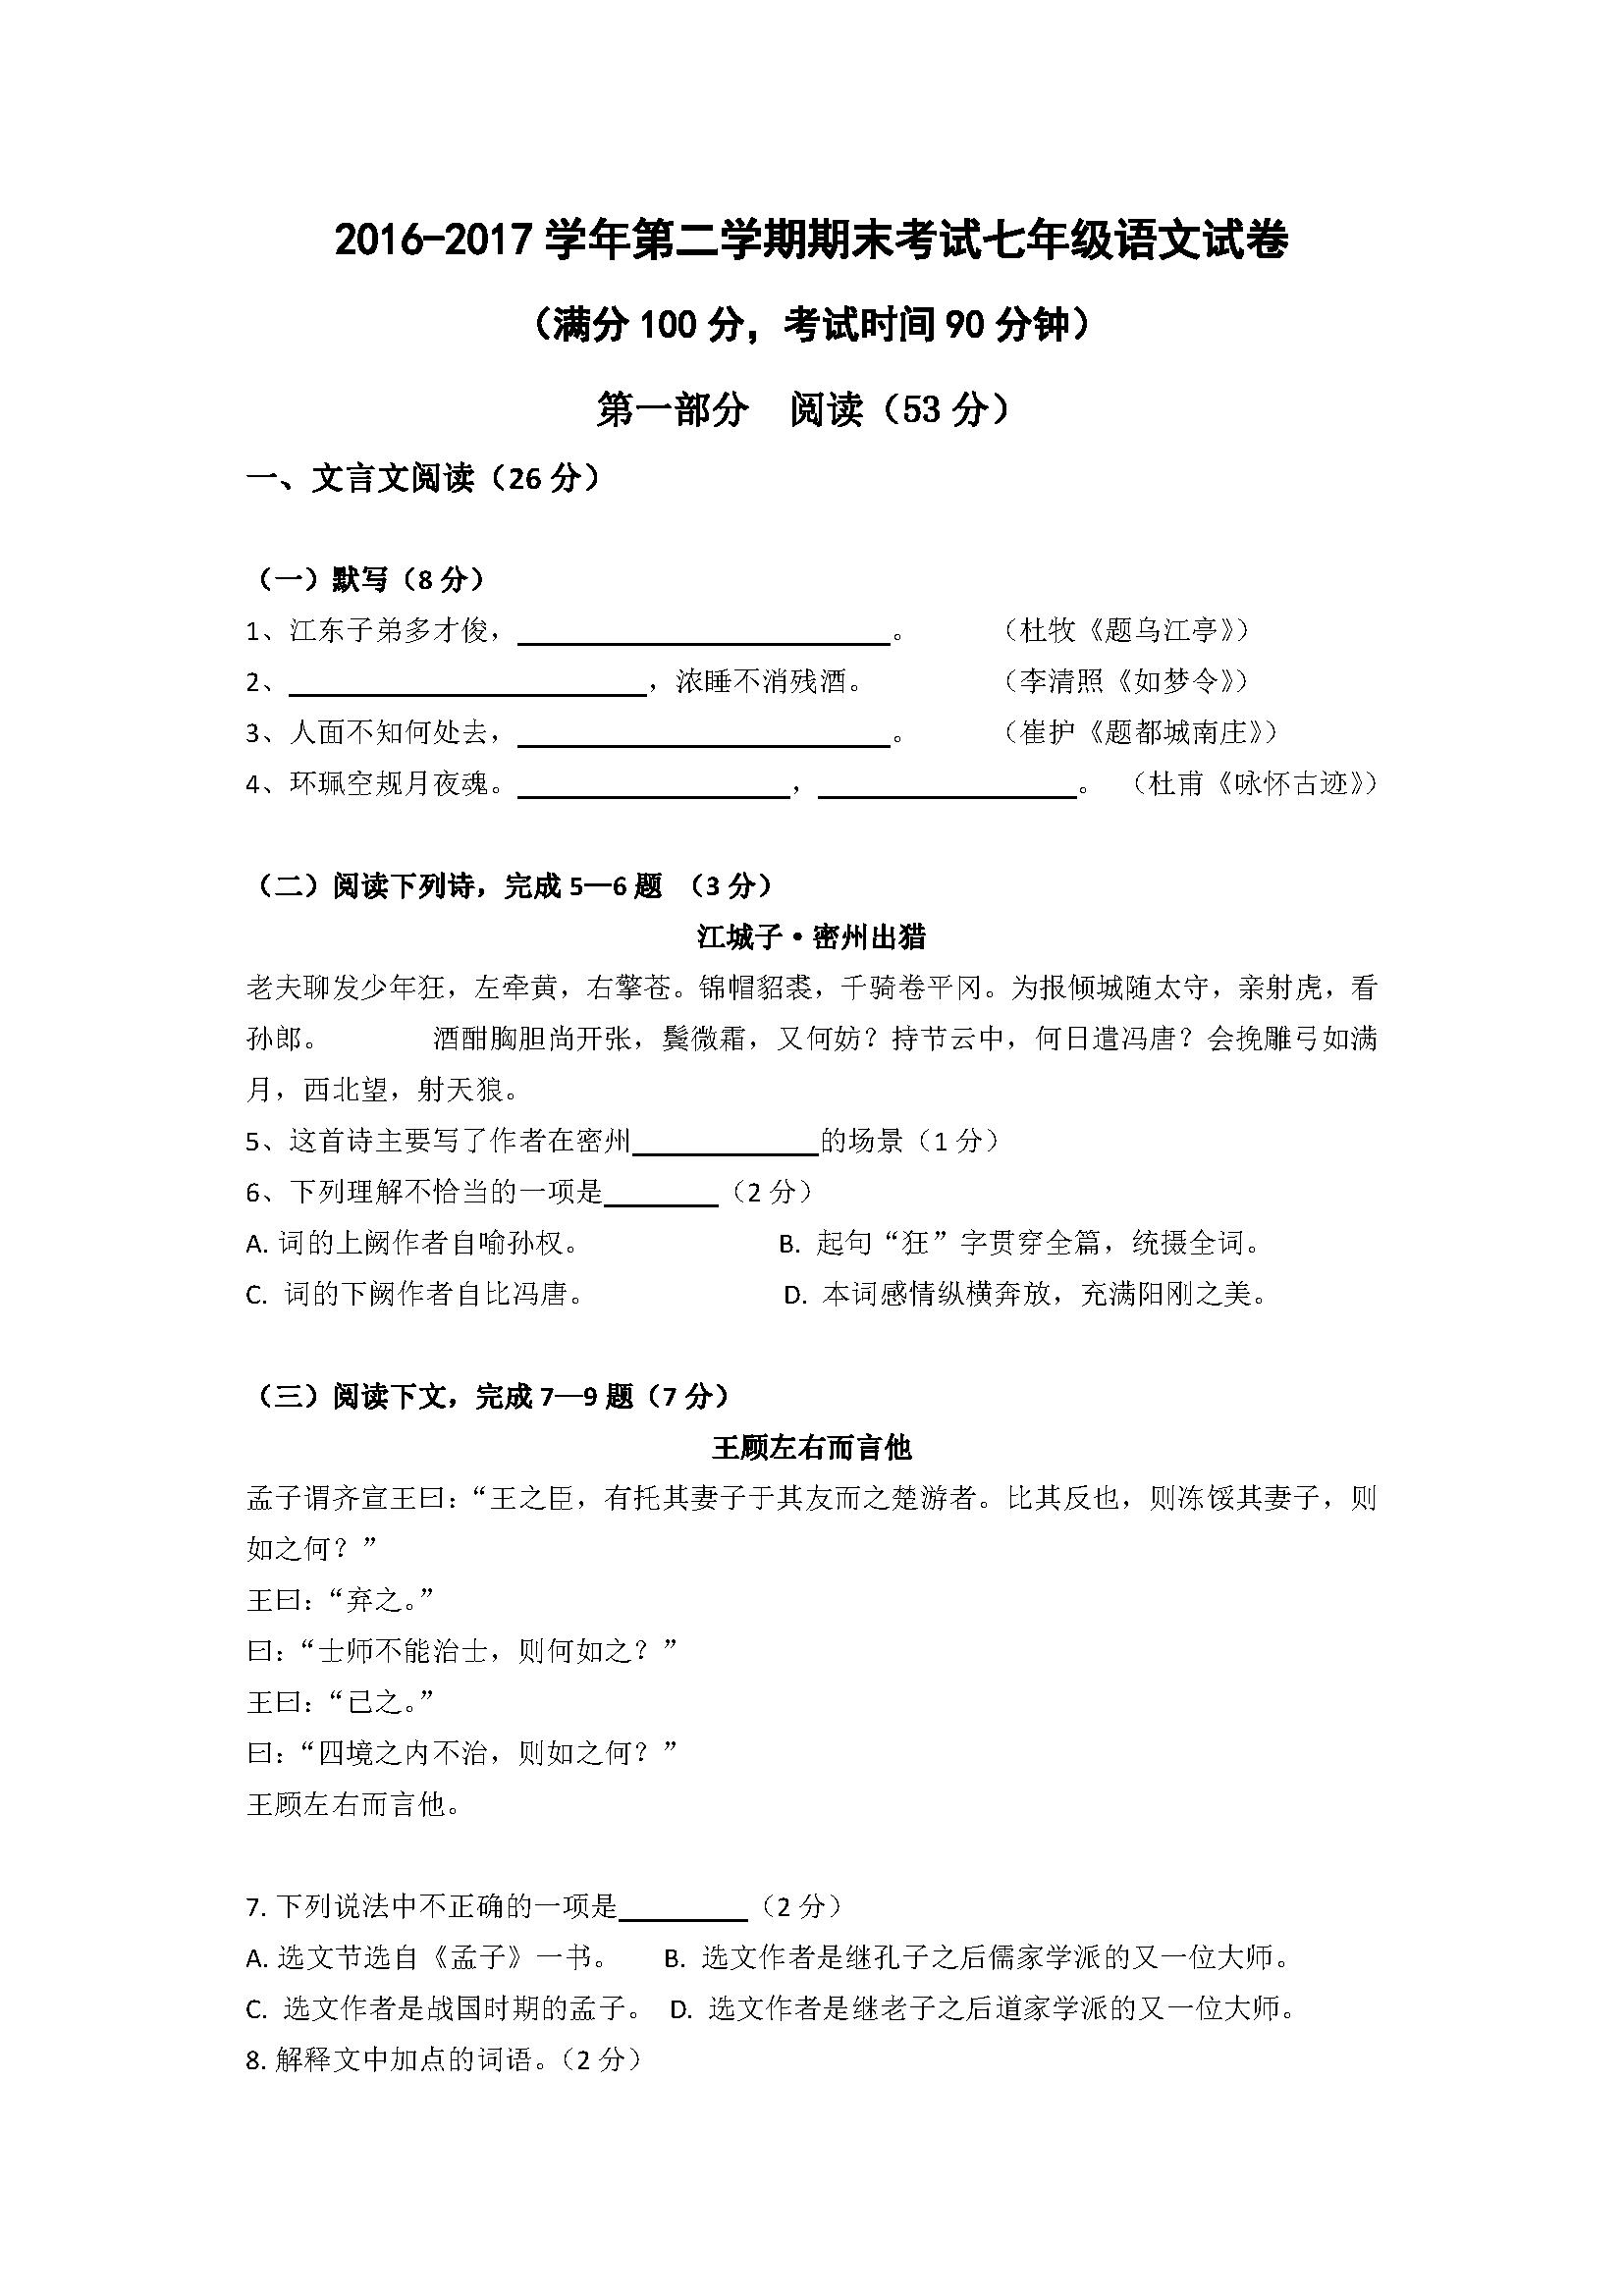 上海宝山2016-2017学年七年级下学期期末语文试题(图片版)